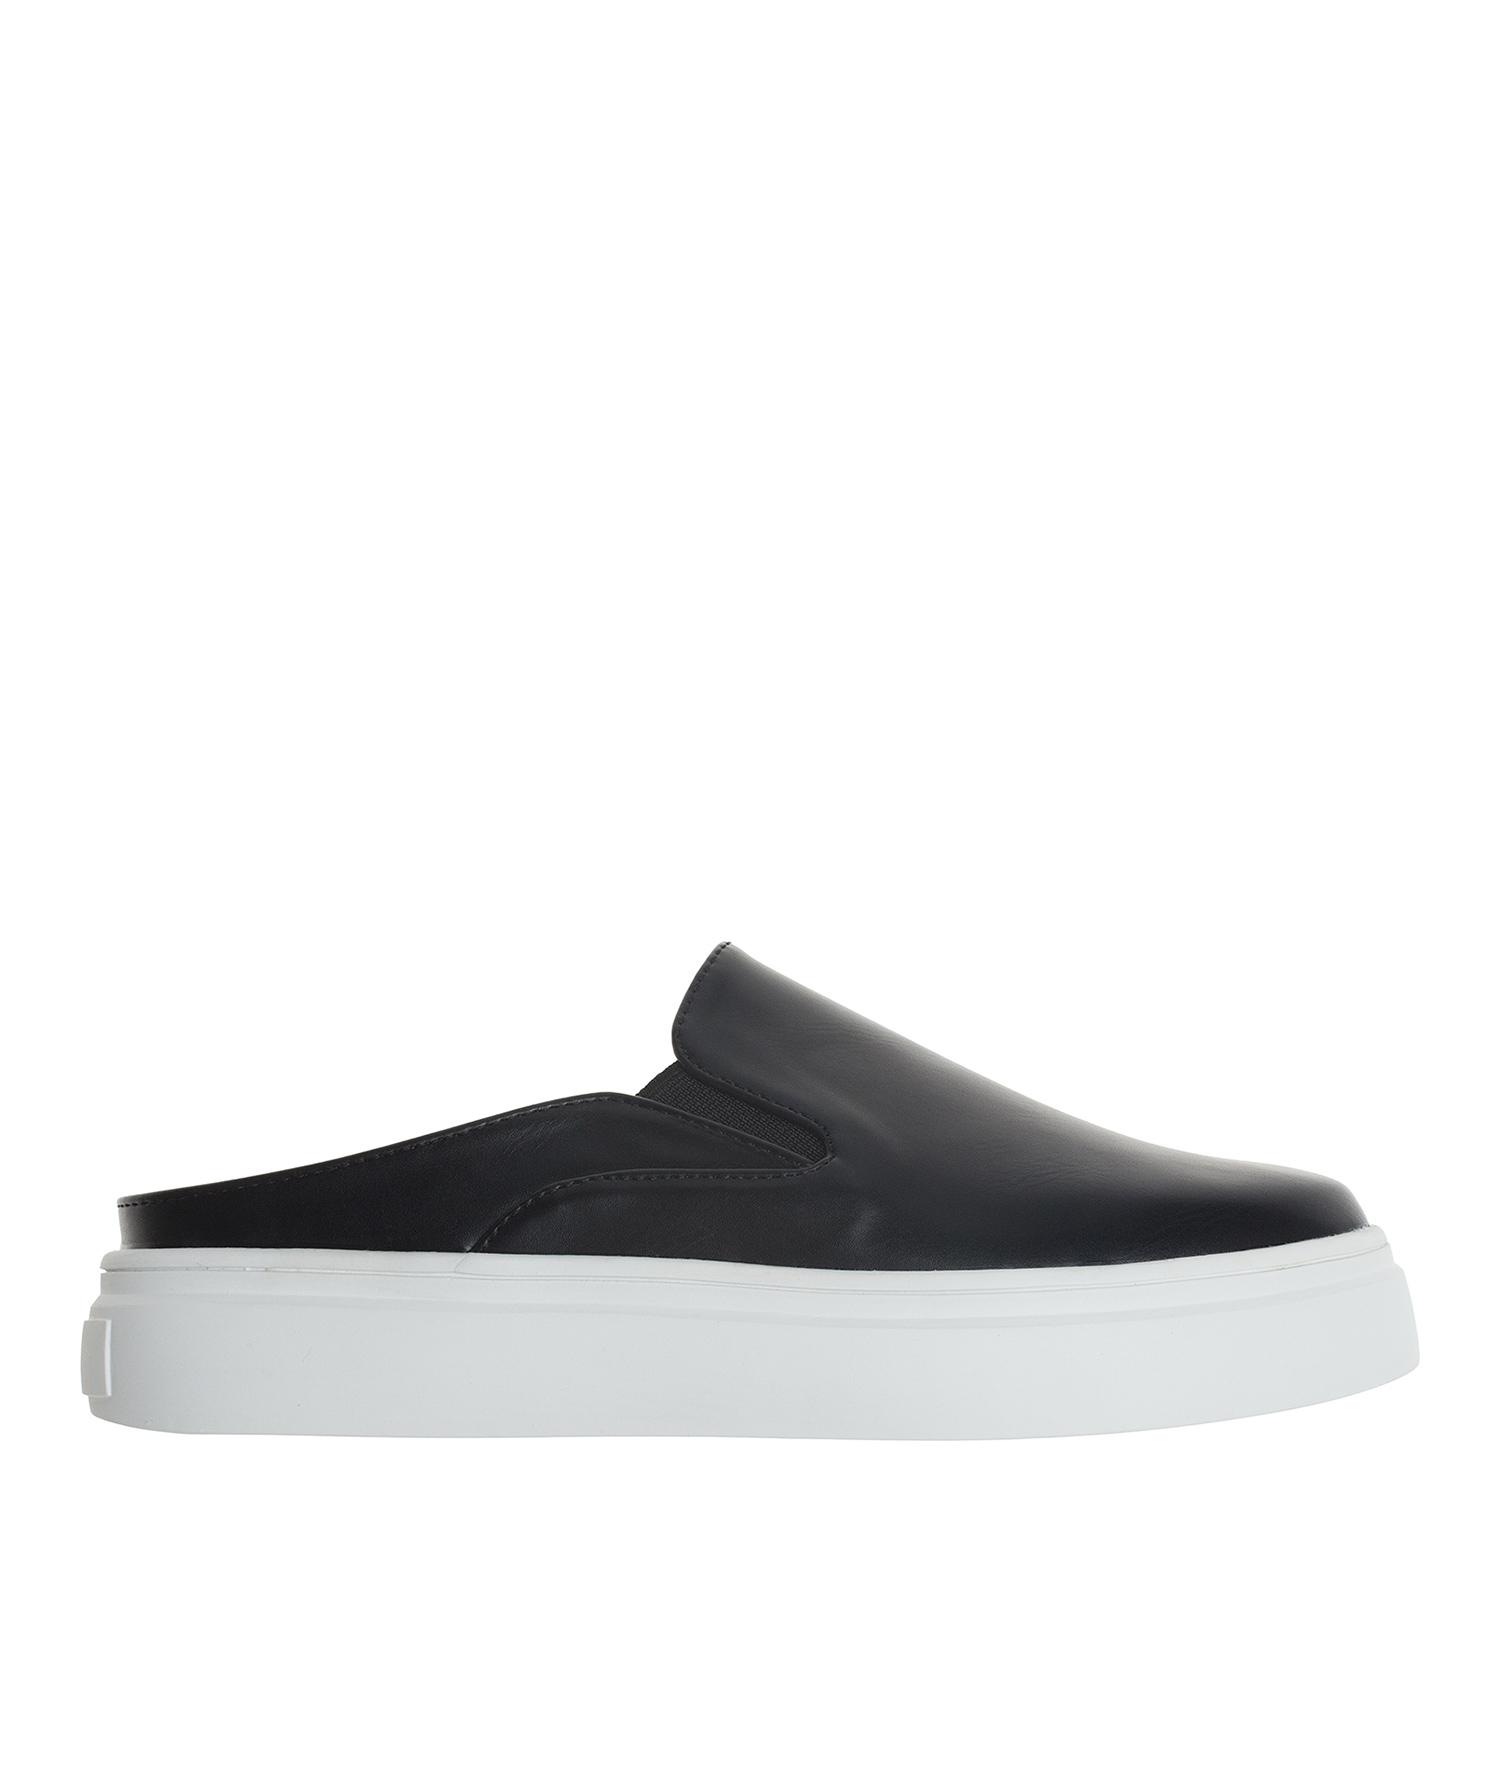 07d8d804b0a0 AnnaKastle Womens Vegan Leather Slip On Mule Sneakers Black